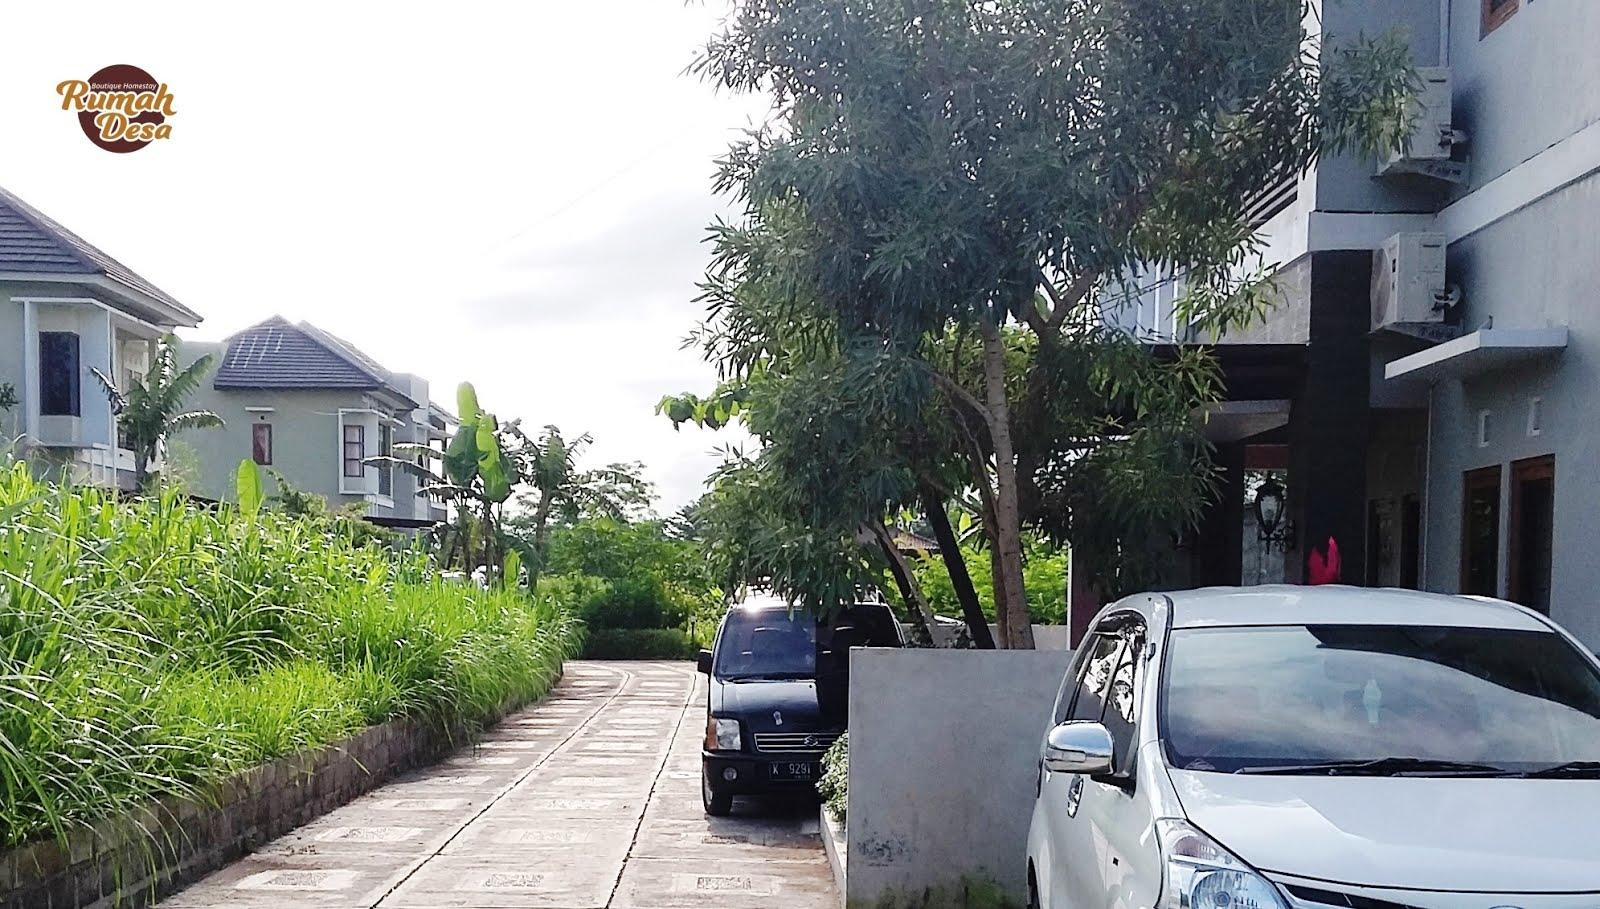 View Rumah Desa Gondang Legi